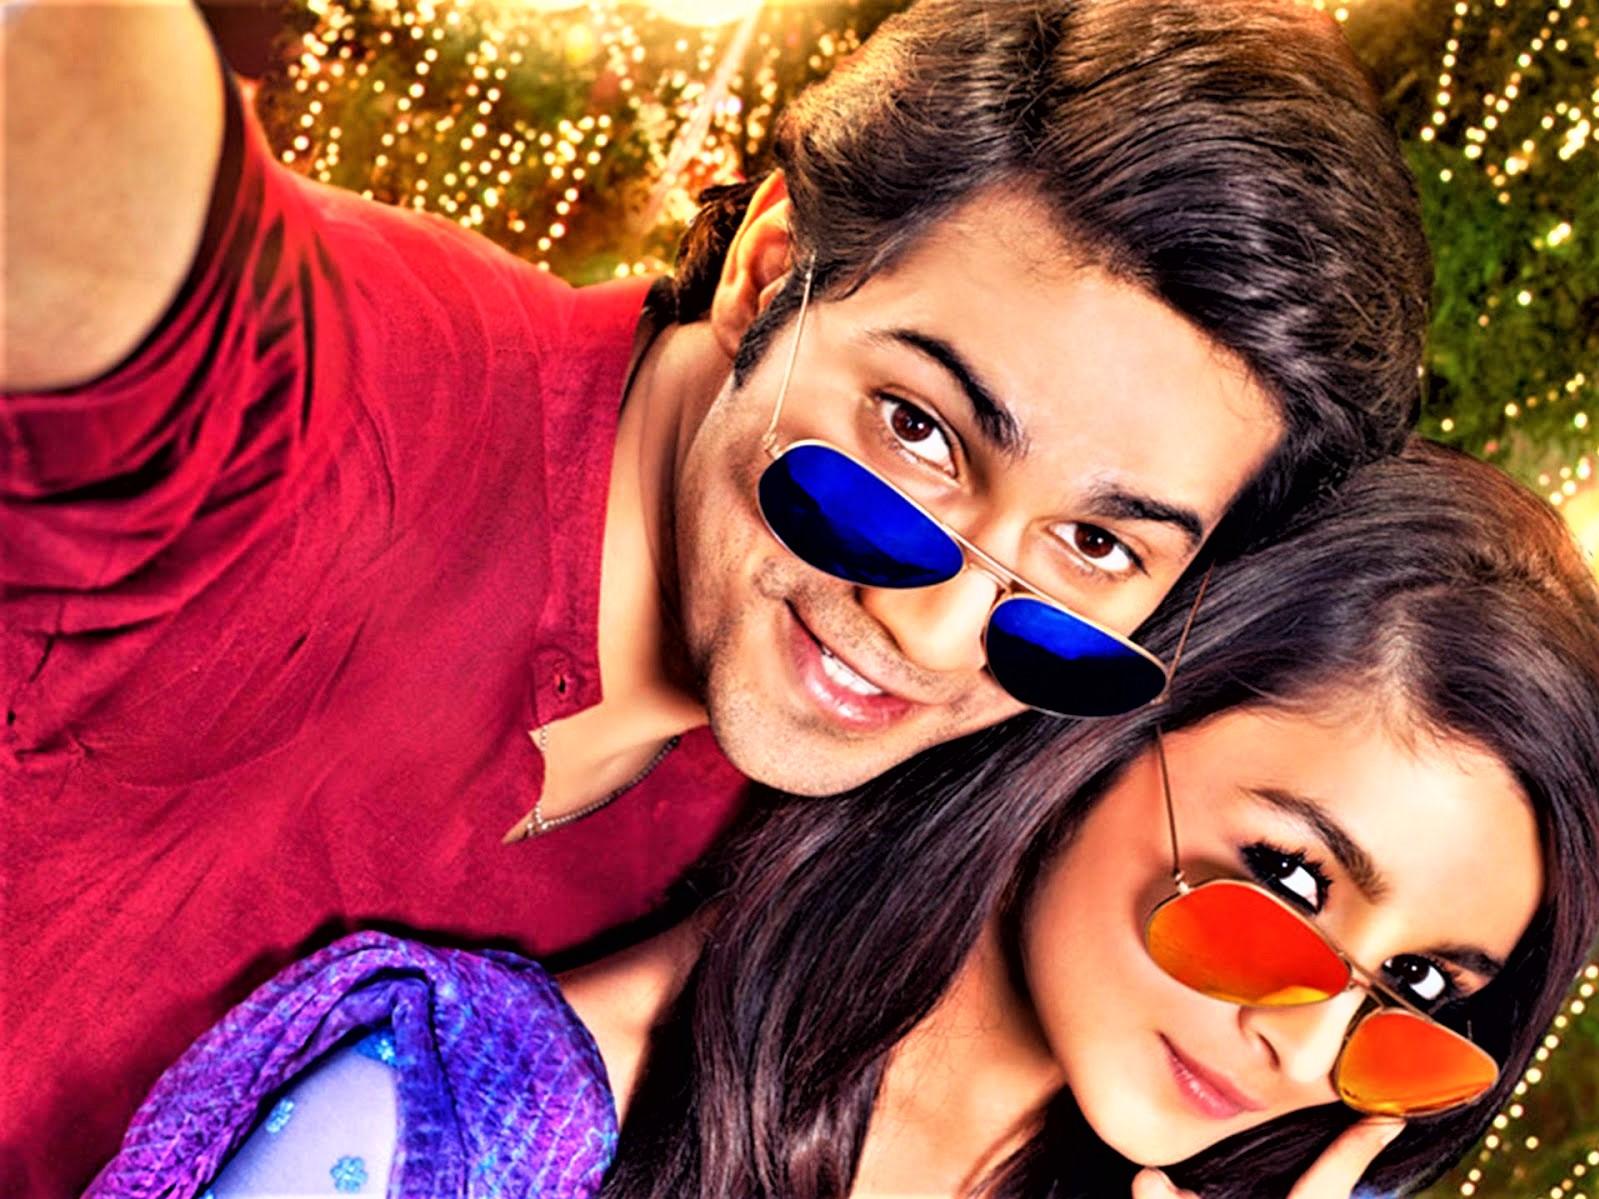 Varun Dhawan and Alia Bhat with aviator sunglasses.